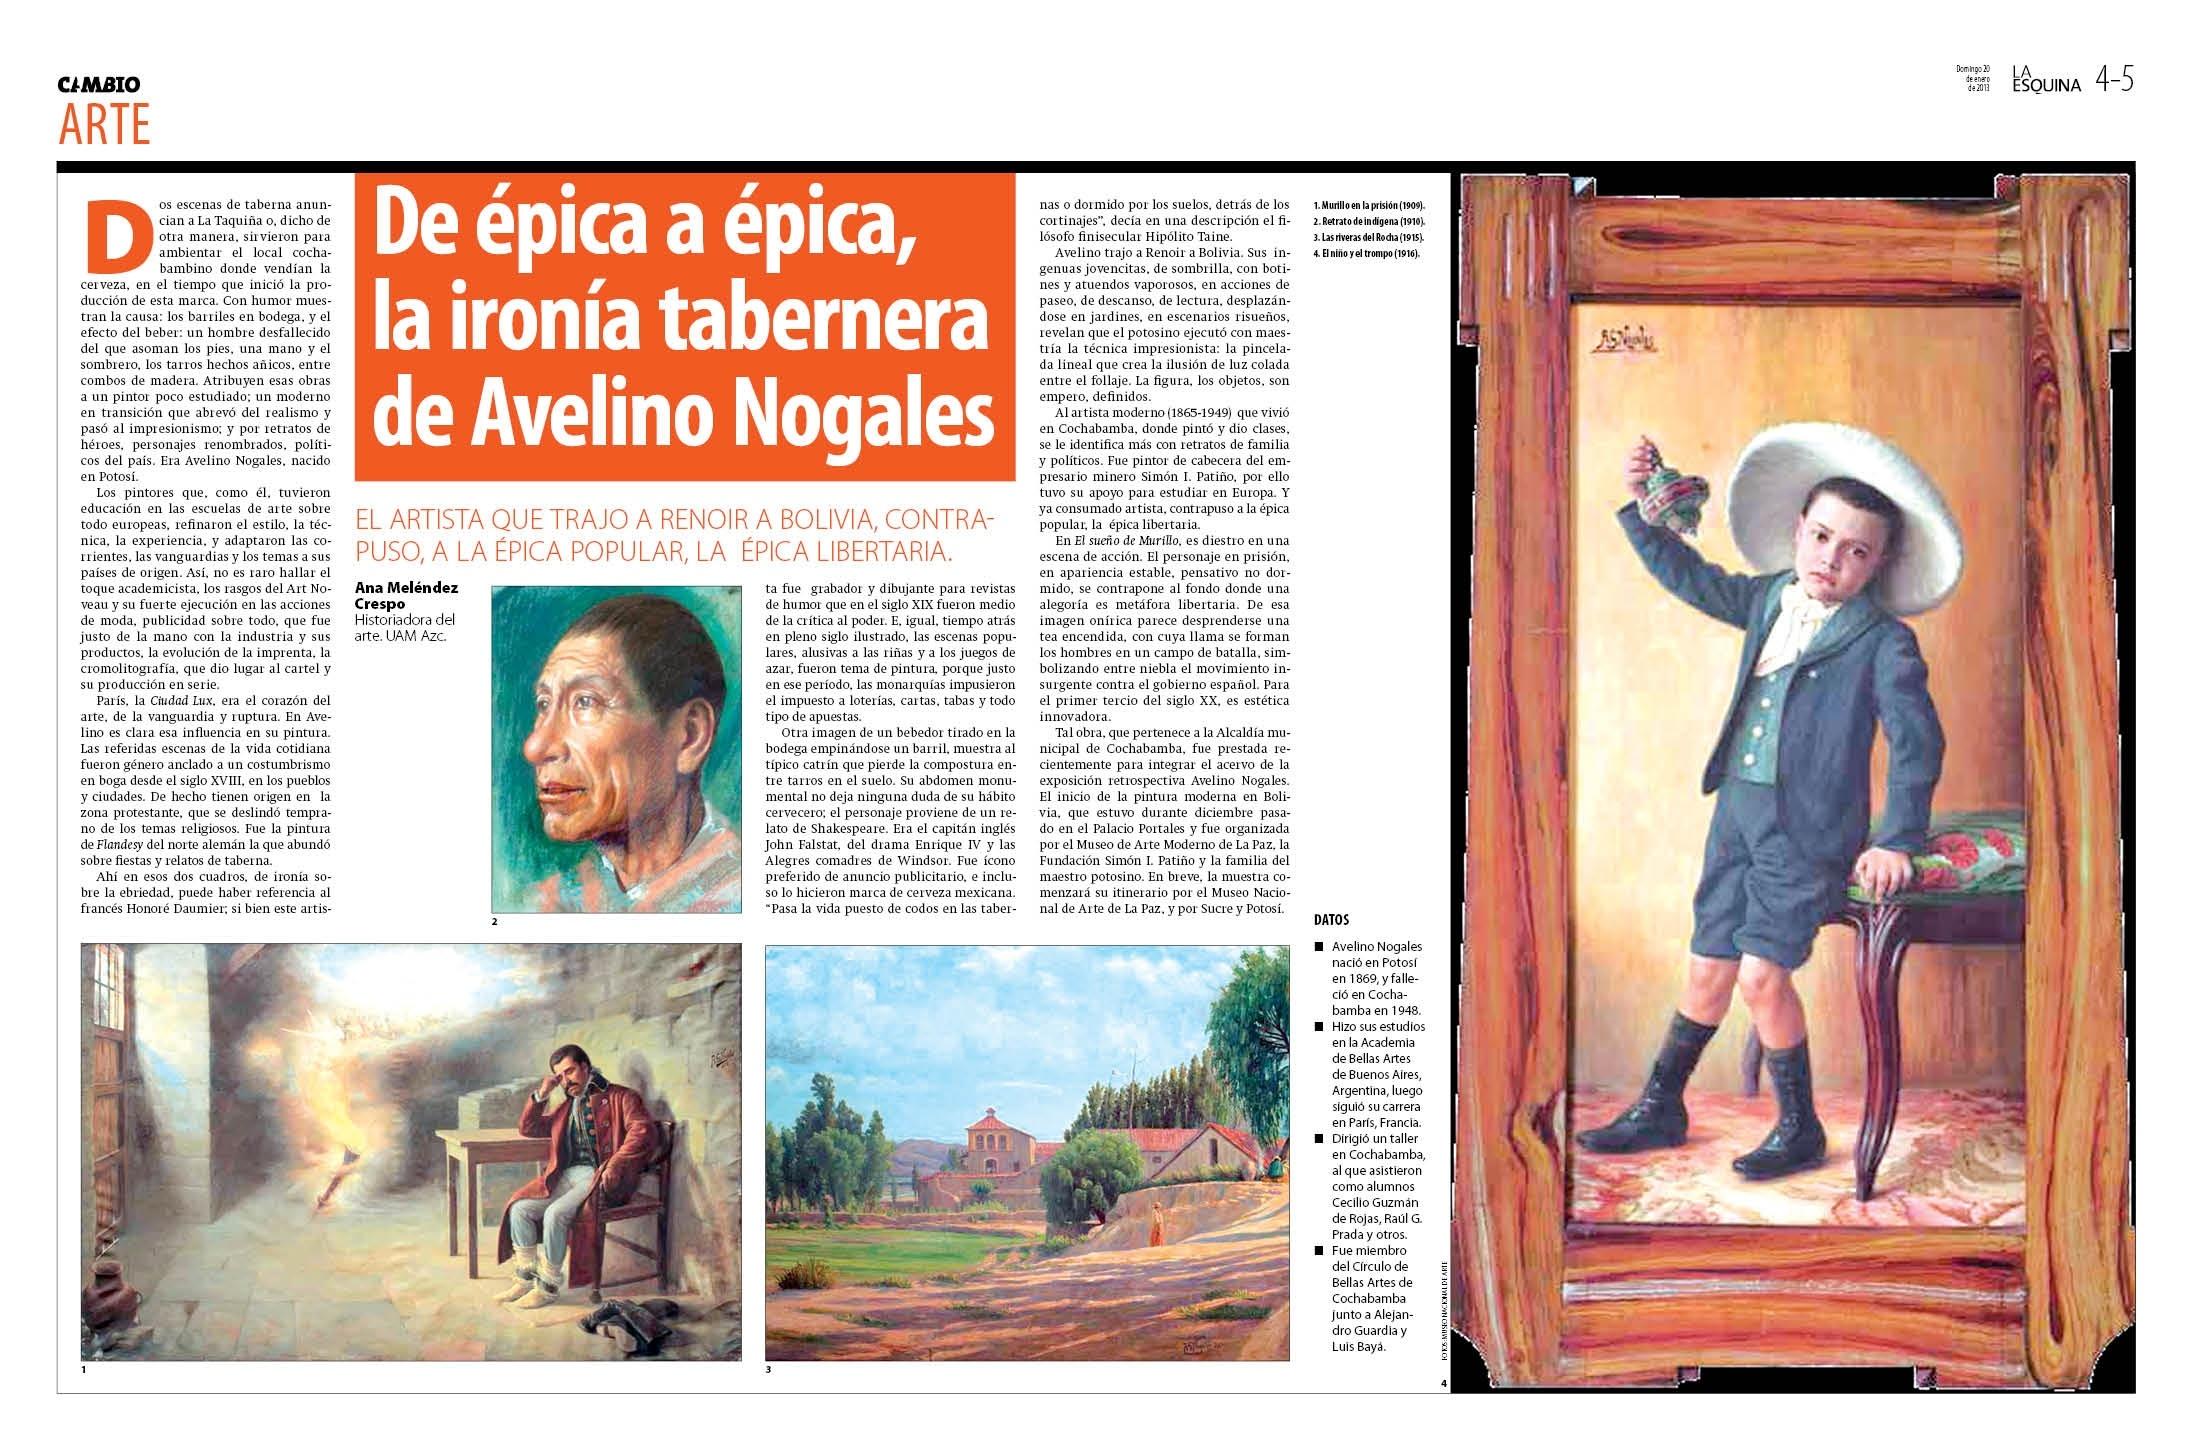 De épica épica, la ironía tabernera de Avelino Nogales